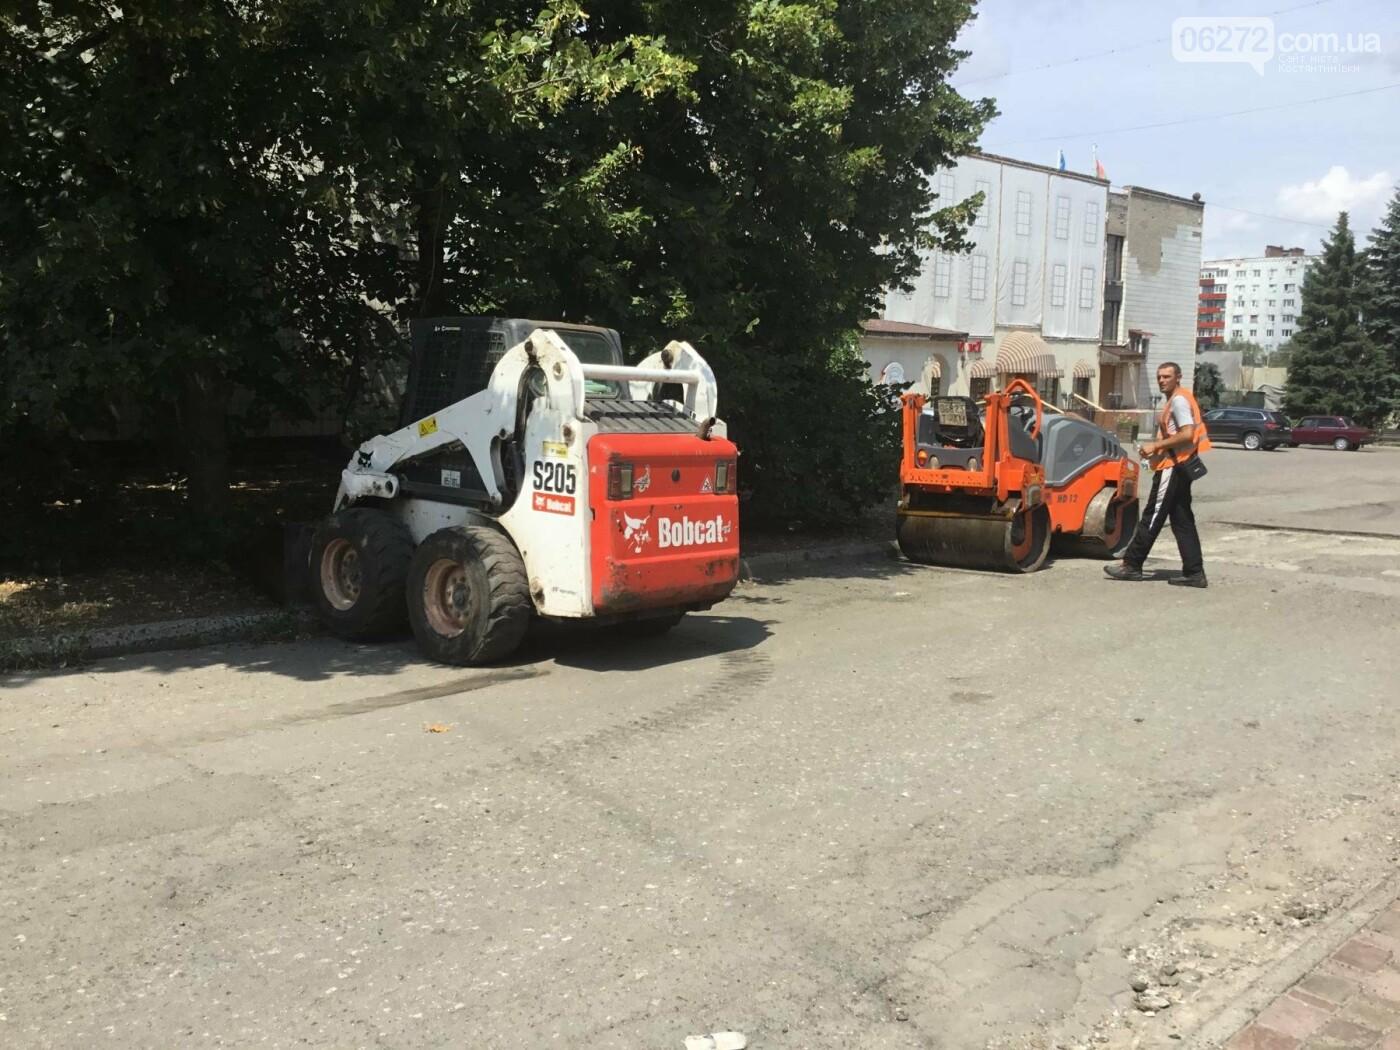 В Константиновке ремонтируют дорогу, фото-1